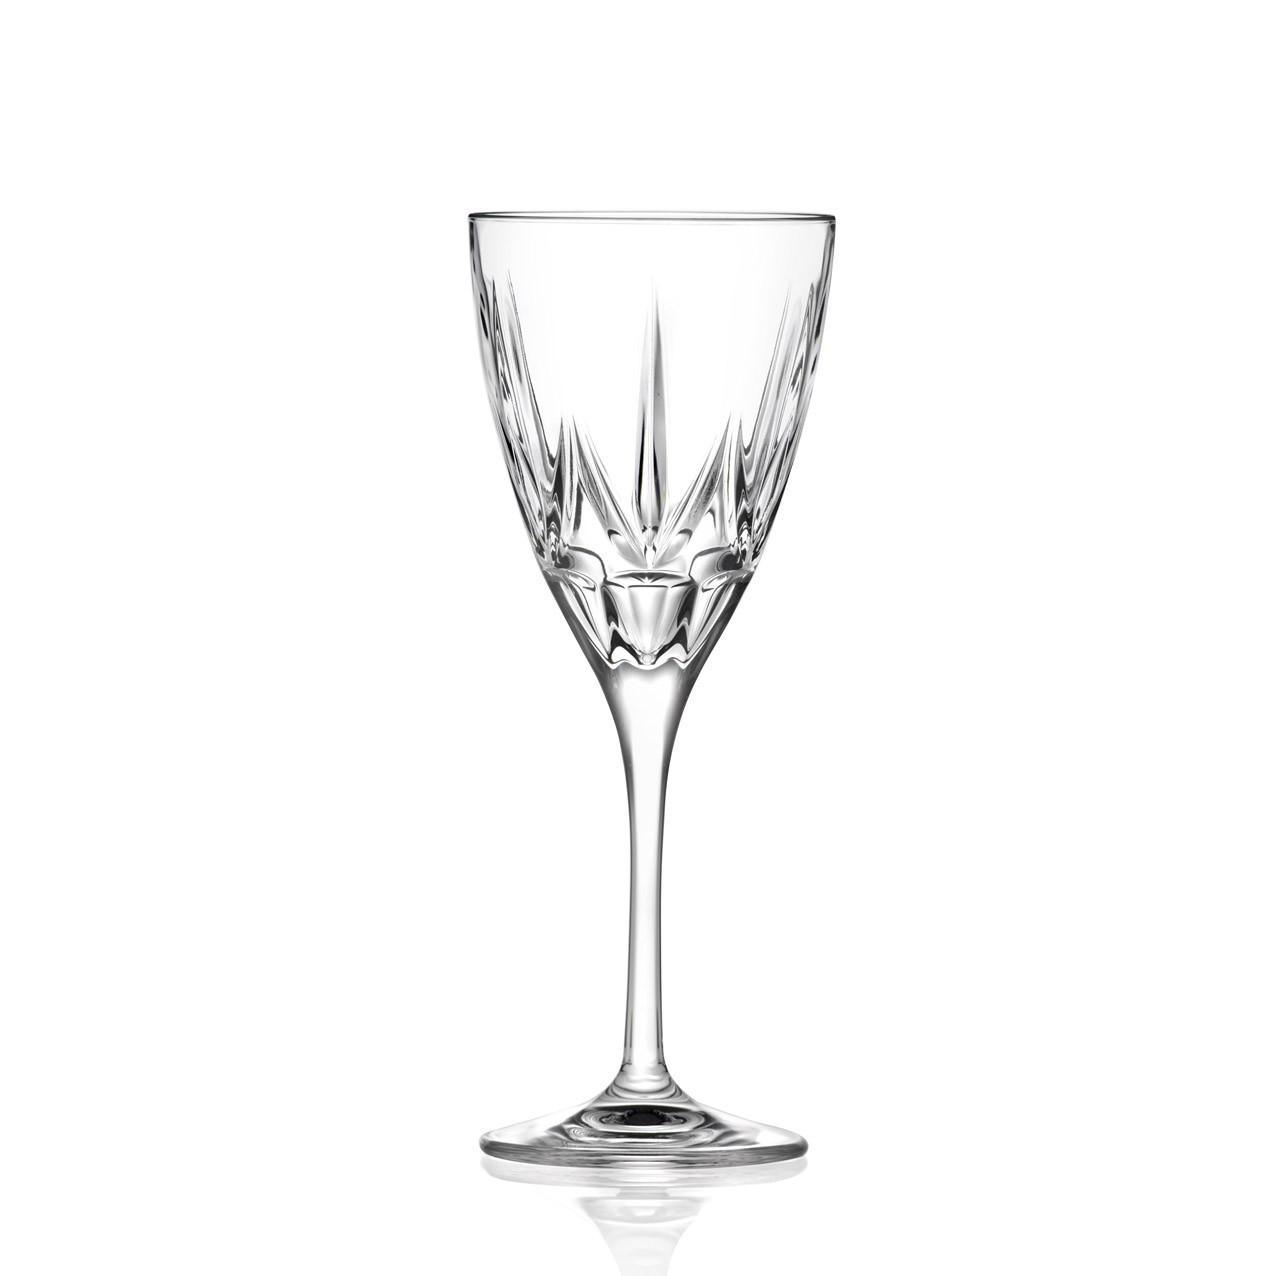 Ποτήρι Για Λευκό Κρασί Σετ 6τμχ. Κρυστάλλινο Chic270ml Rcr home   ειδη σερβιρισματος   ποτήρια